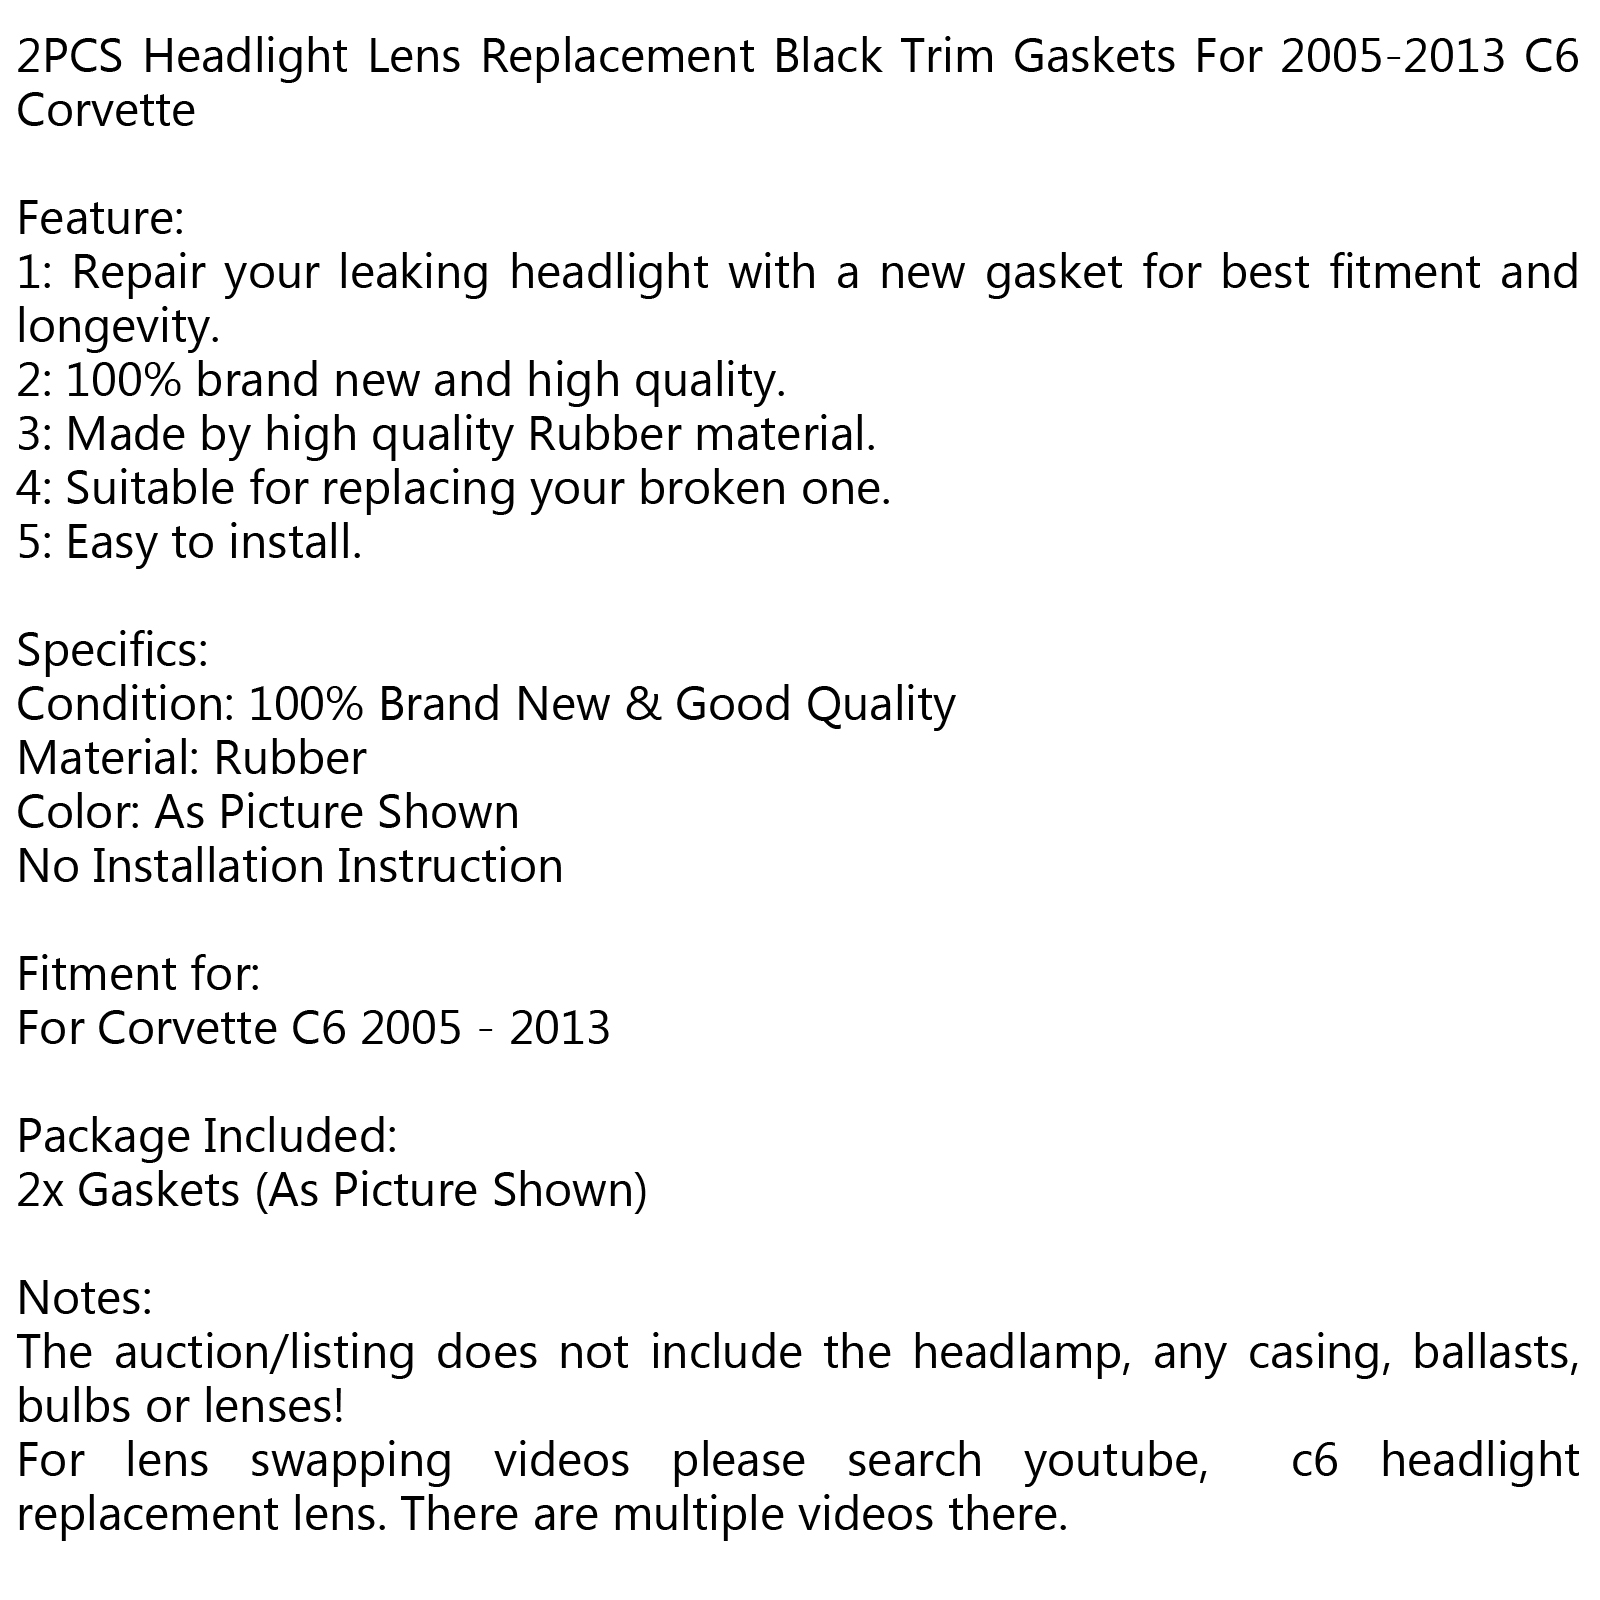 2PCS Headlight Lens Replacement Trim Gaskets for Corvette C6 2005-2013 Black